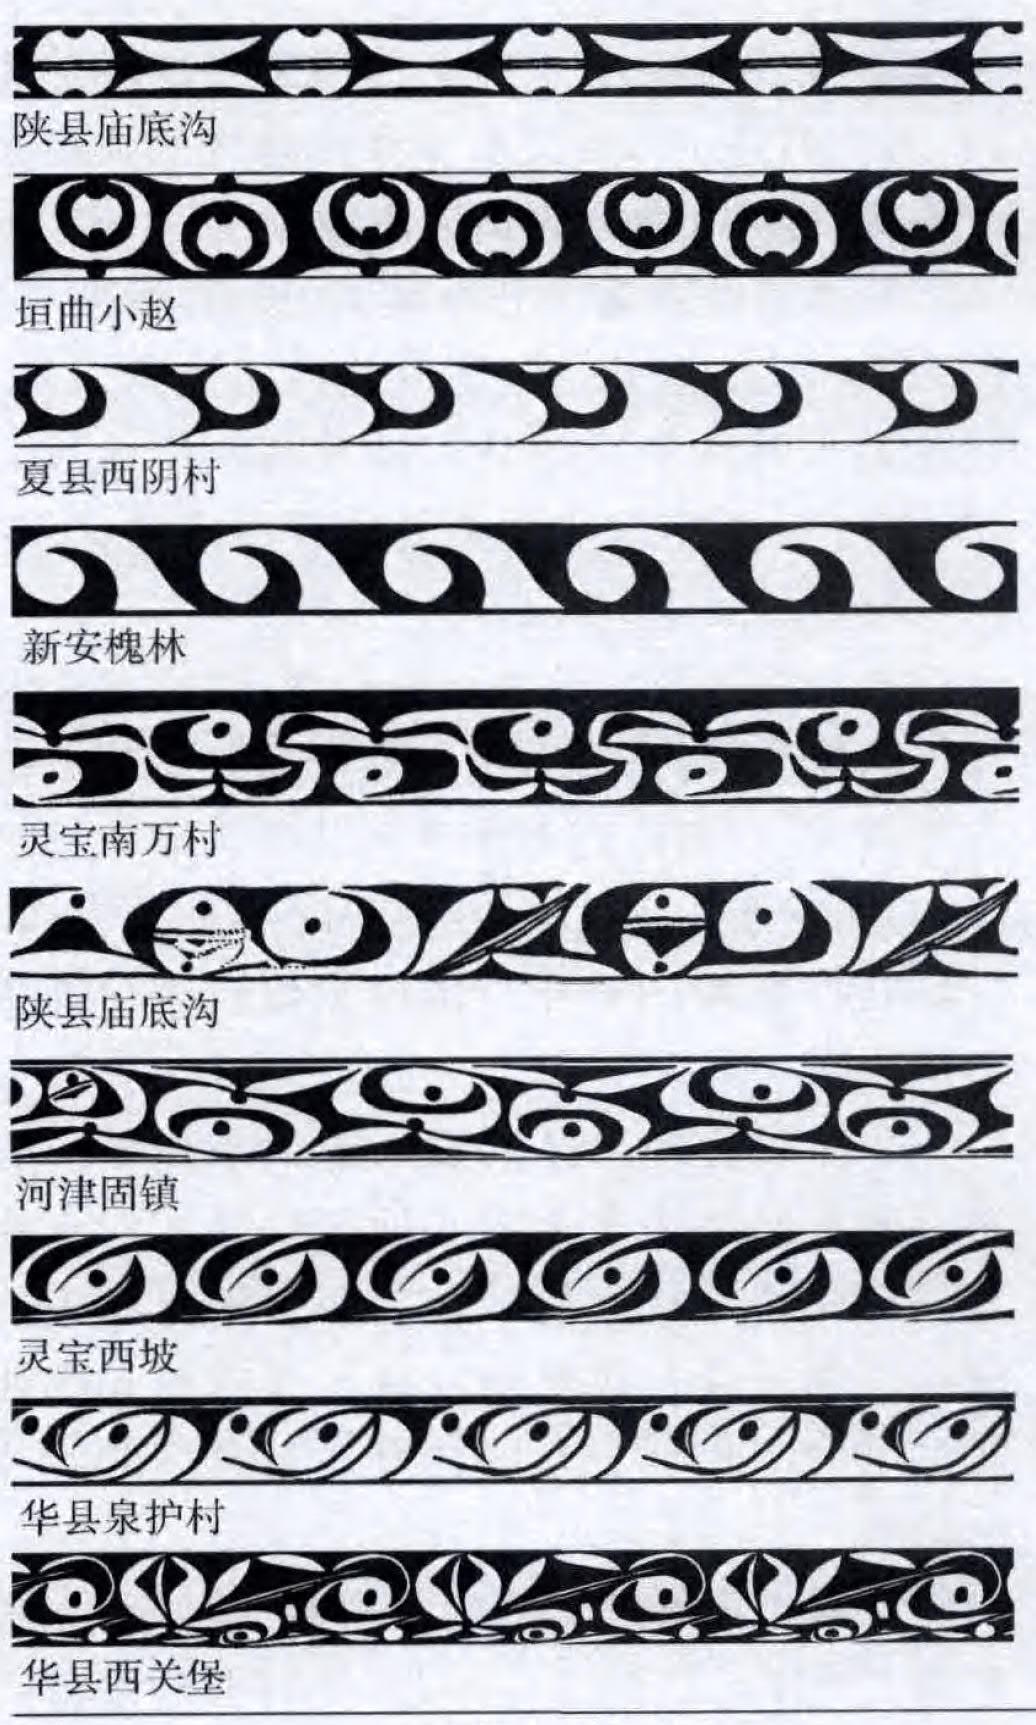 天悦平台首页甘肃彩陶艺术展亮相国博